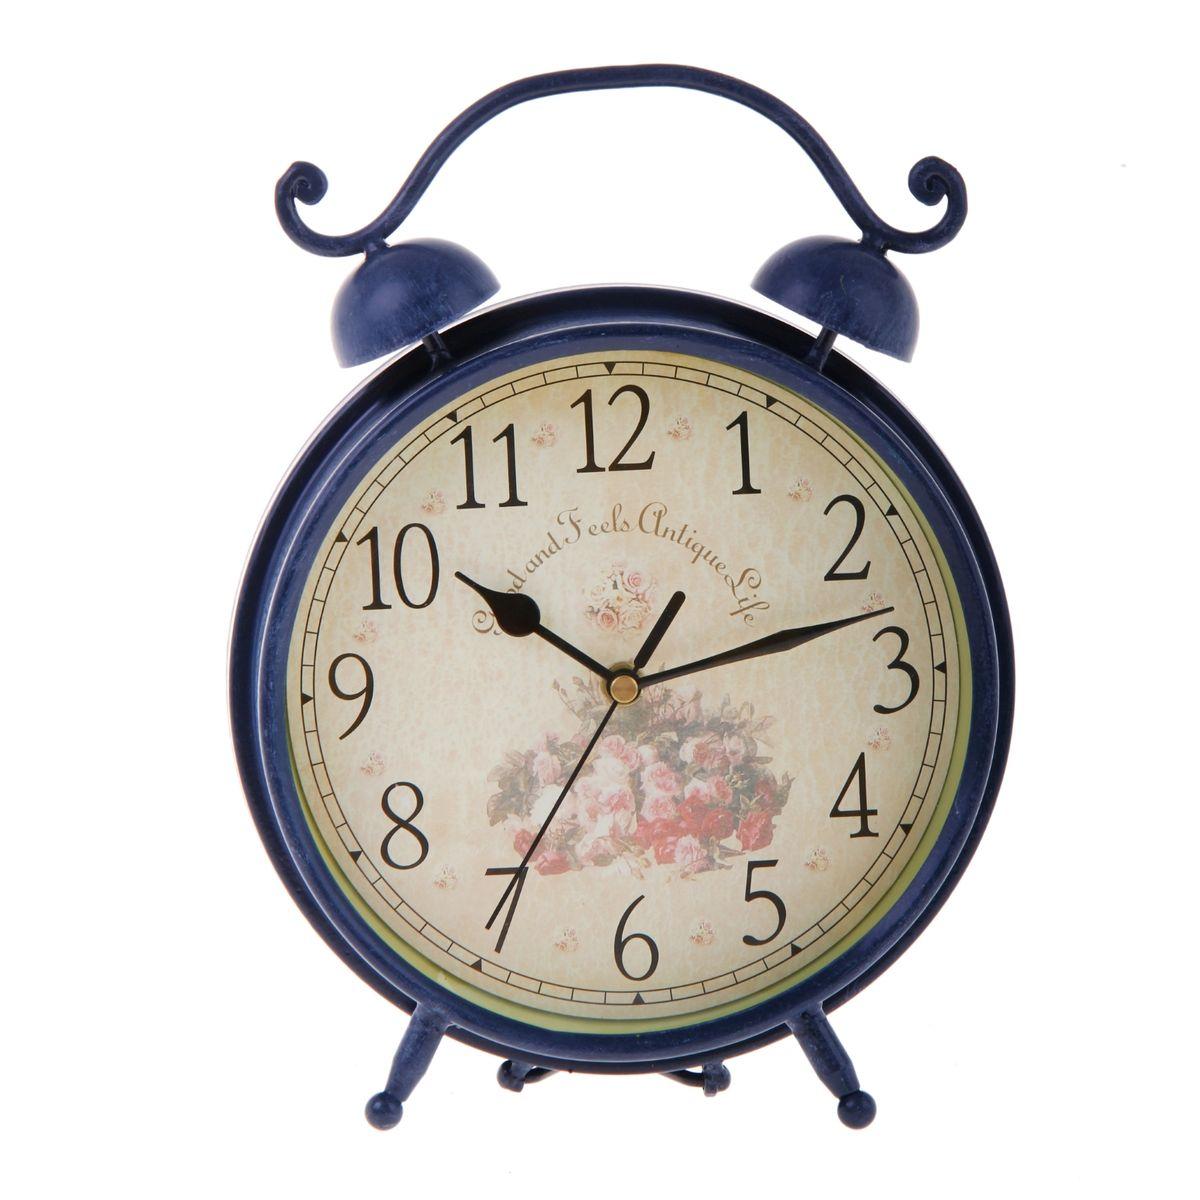 Часы настольные Sima-land, цвет: синий. 67012854 009303Настольные часы Sima-land станут оригинальным элементом декора в доме или офисе. Часы, изготовленные из высококачественного металла и стекла, выполнены в виде будильника. Циферблат круглой формы, имеет крупные арабские цифры. Часы имеют три стрелки - часовую, минутную и секундную. Изделие располагается на металлических ножках.Настольные часы Sima-land станут не только оригинальным украшением стола, но и прекрасным подарком, который обязательно понравится получателю. Часы работают от одной батарейки с напряжением 1,5 V (в комплект не входит).Диаметр циферблата: 18,5 см.Общий размер часов: 20 см х 7,5 см х 26,5 см.